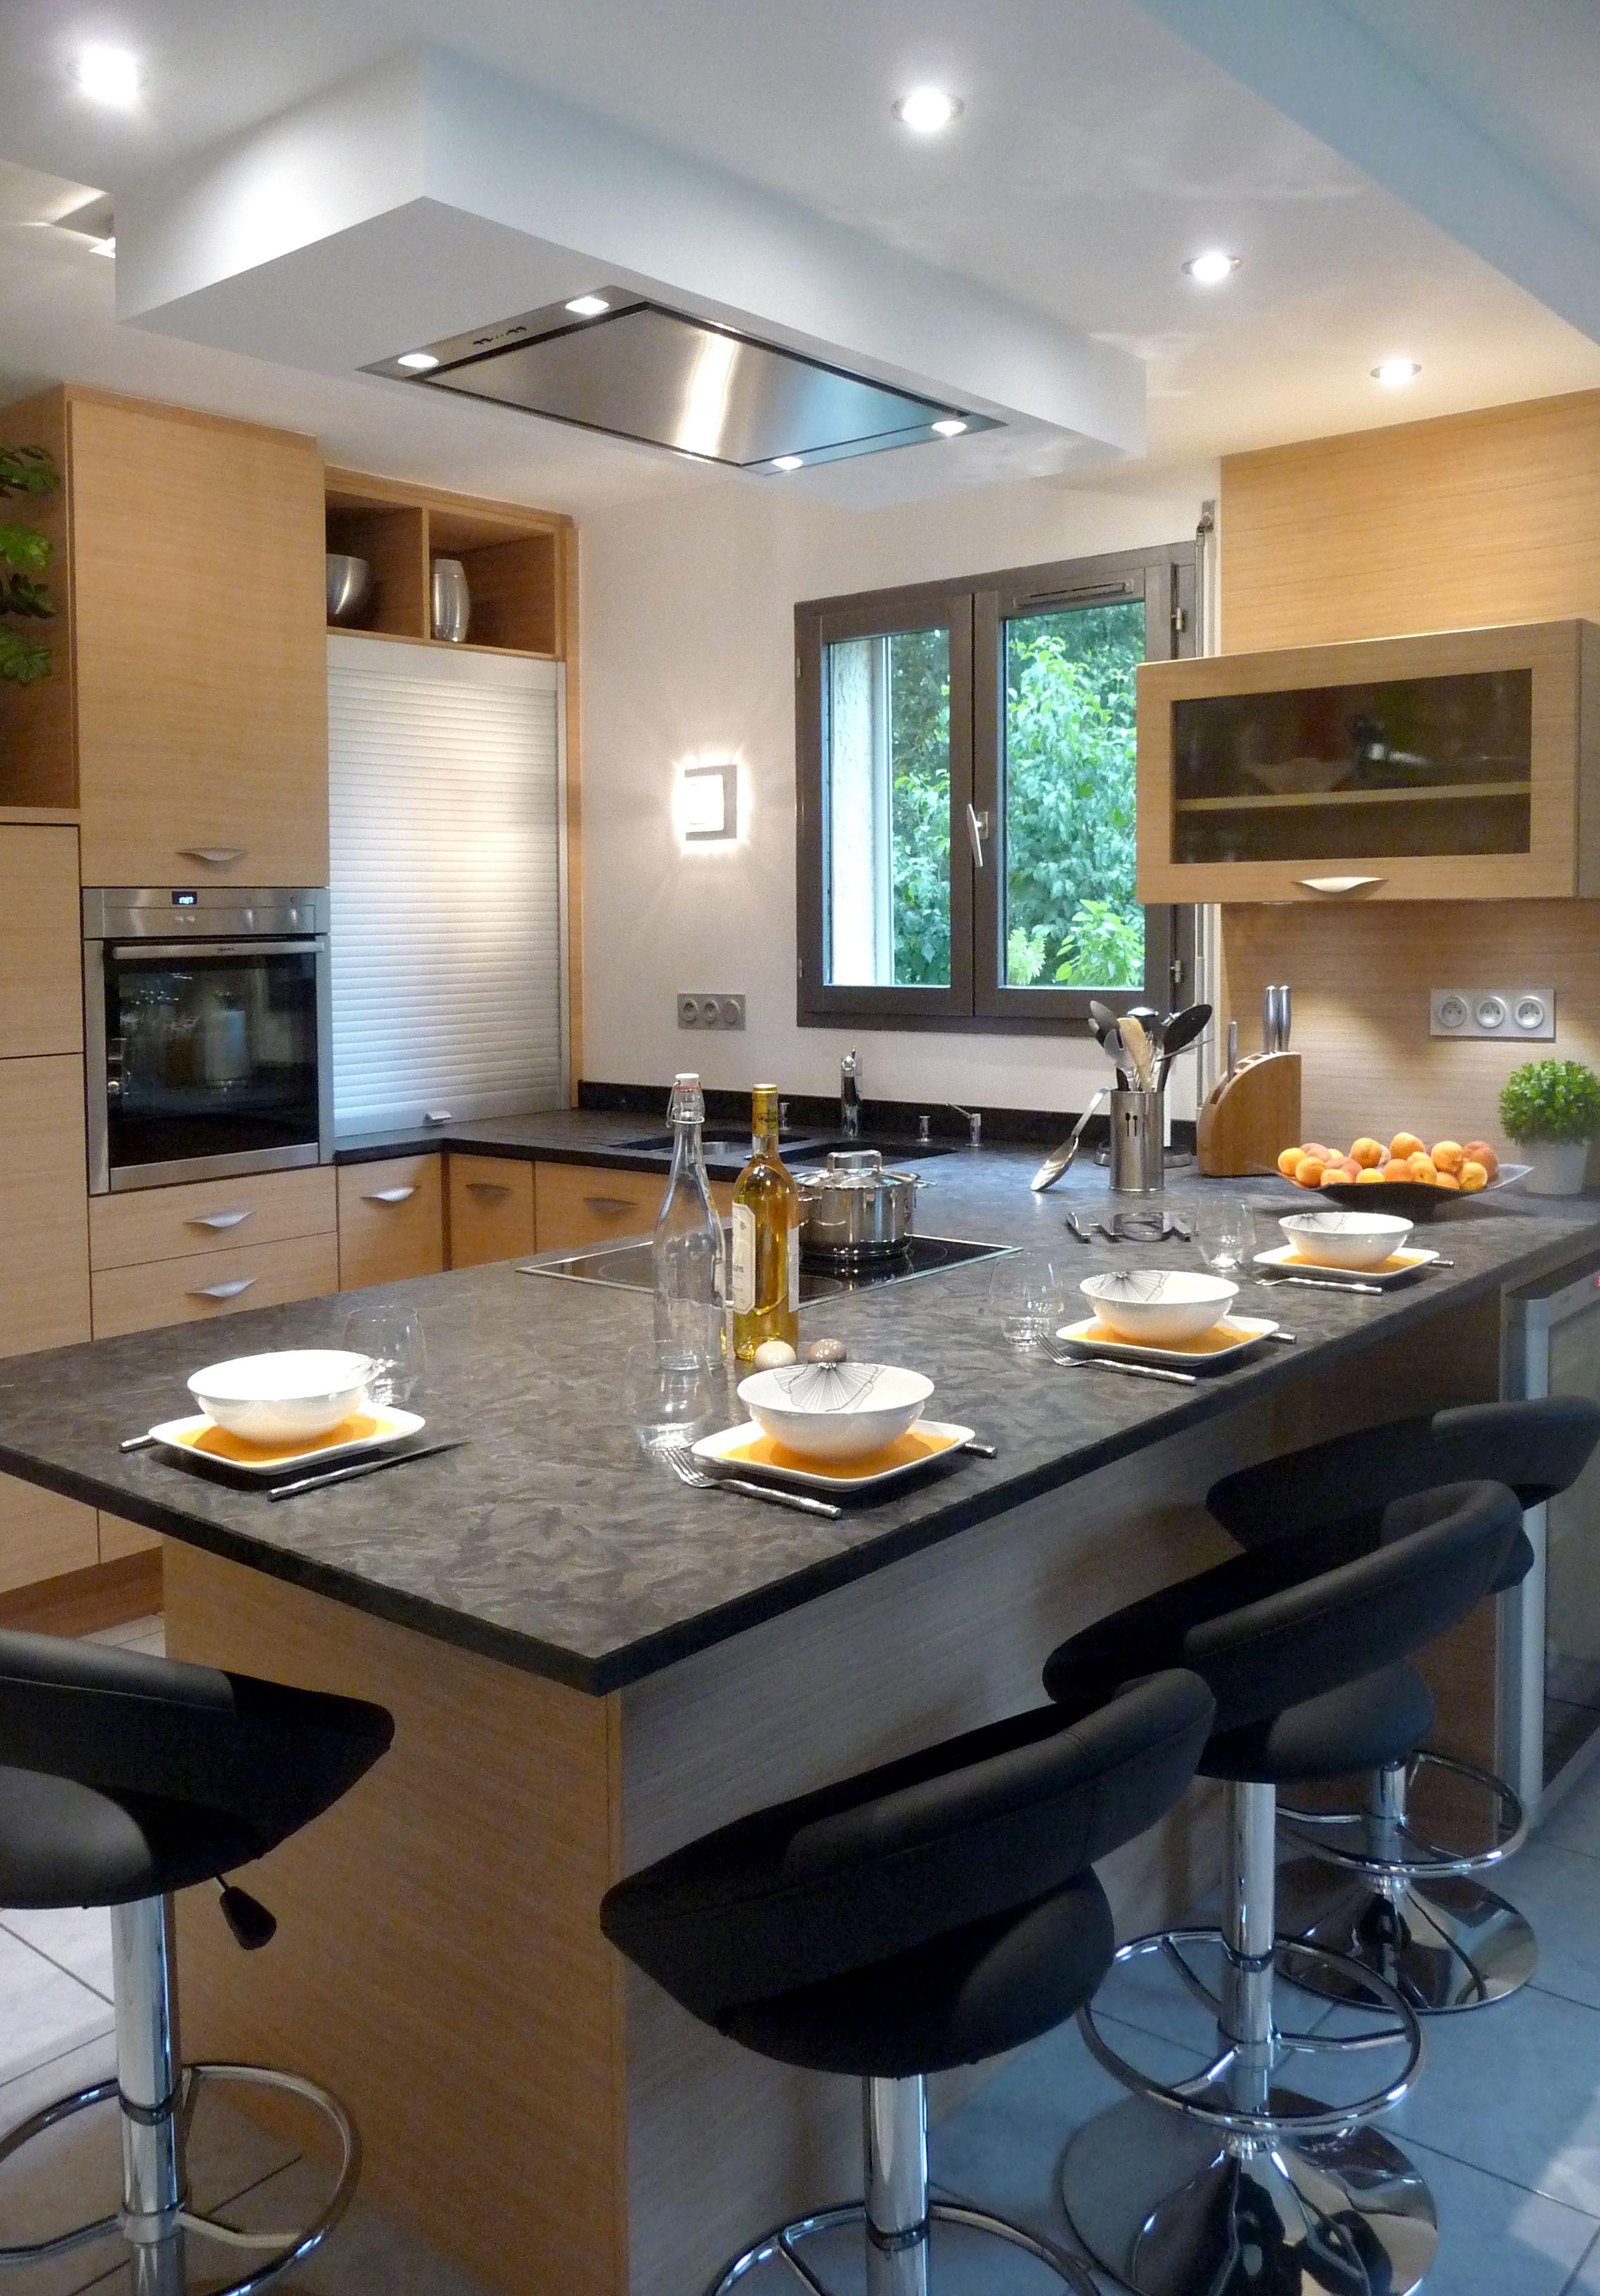 cuisine ch ne blanchi plan pierre naturelle matrix satin hotte de plafond lot. Black Bedroom Furniture Sets. Home Design Ideas